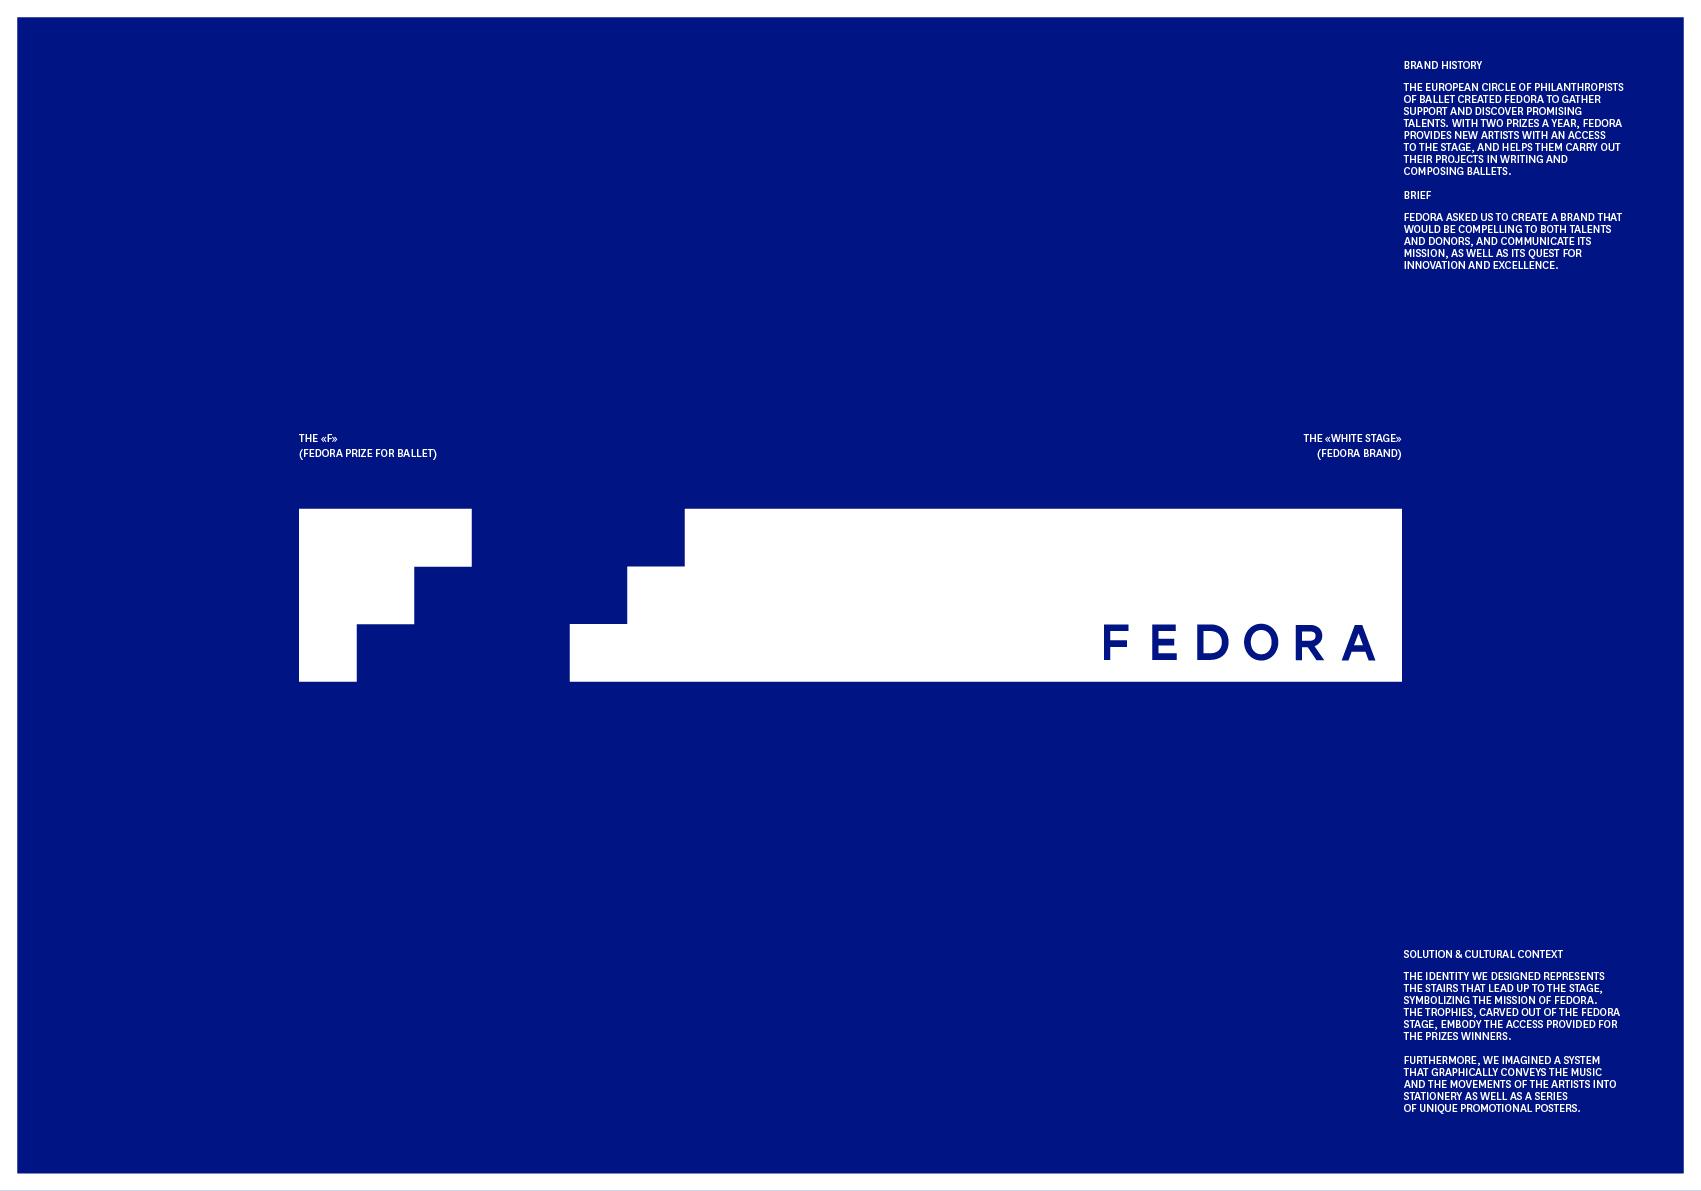 fedora-011428486925-realisation-fancybox